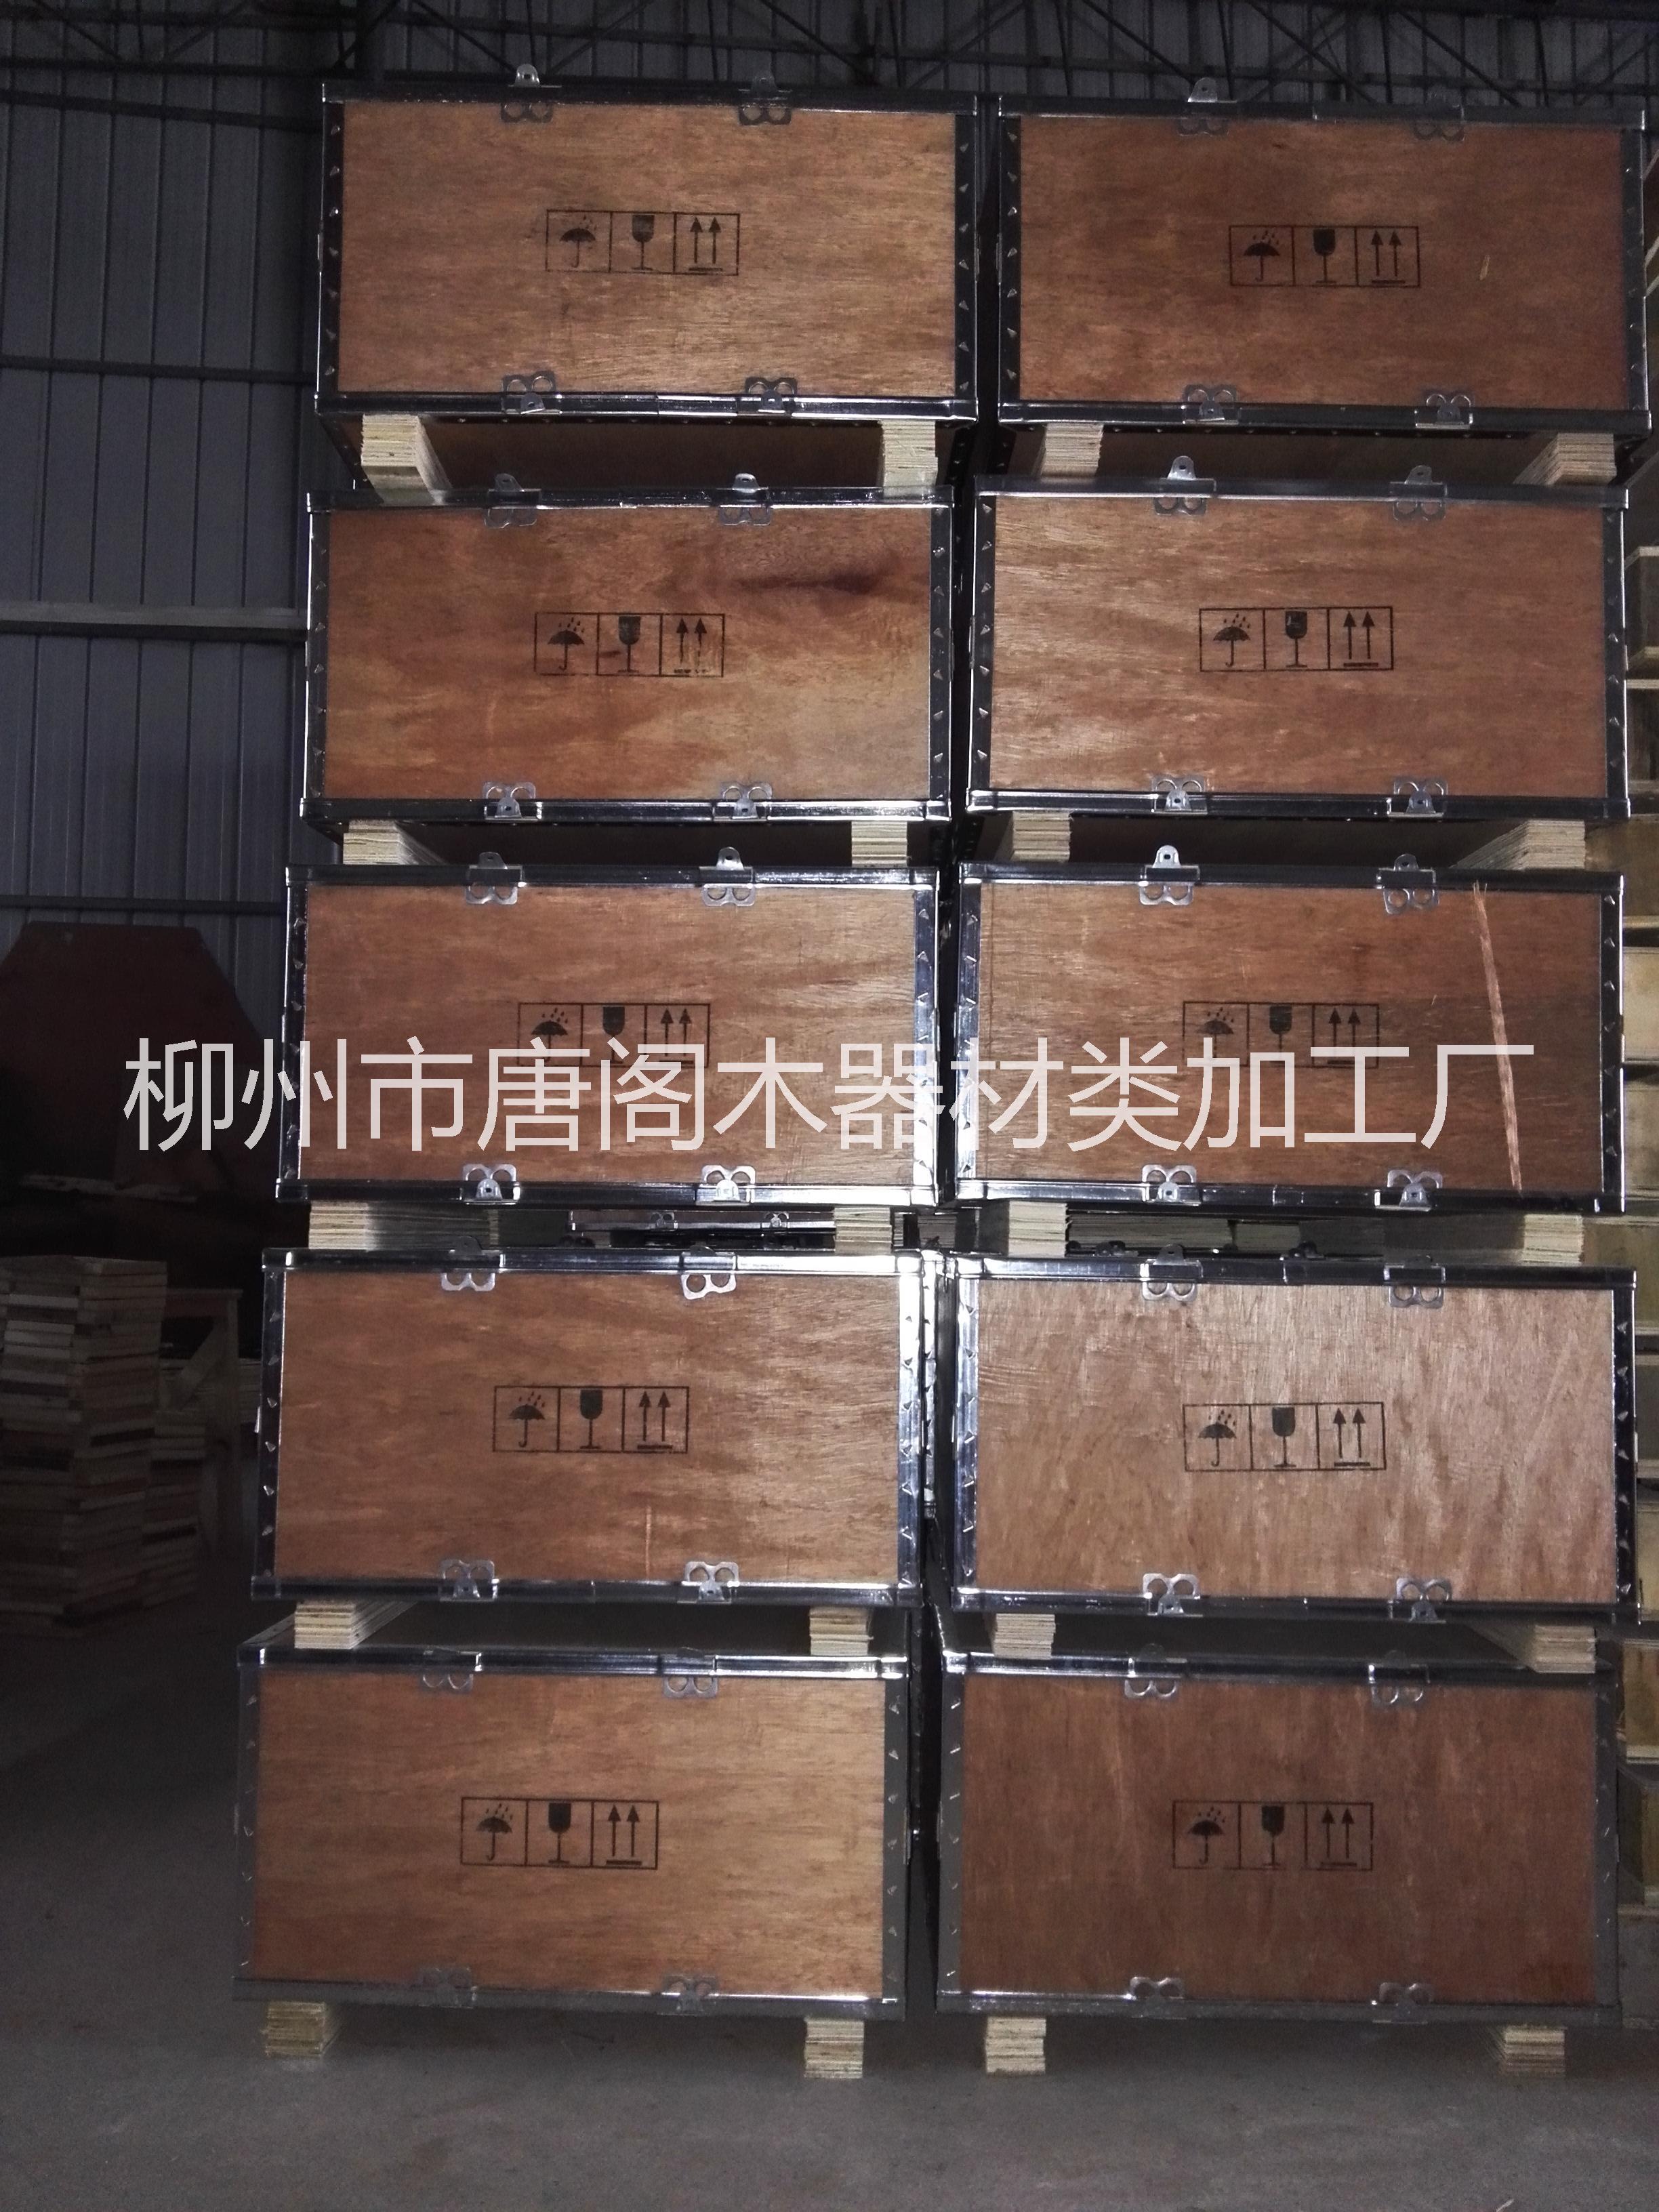 桂林思奇通讯钢带箱桂林思奇通讯钢带箱厂家桂林思奇通讯钢带箱价格桂林思奇通讯钢带箱供应商